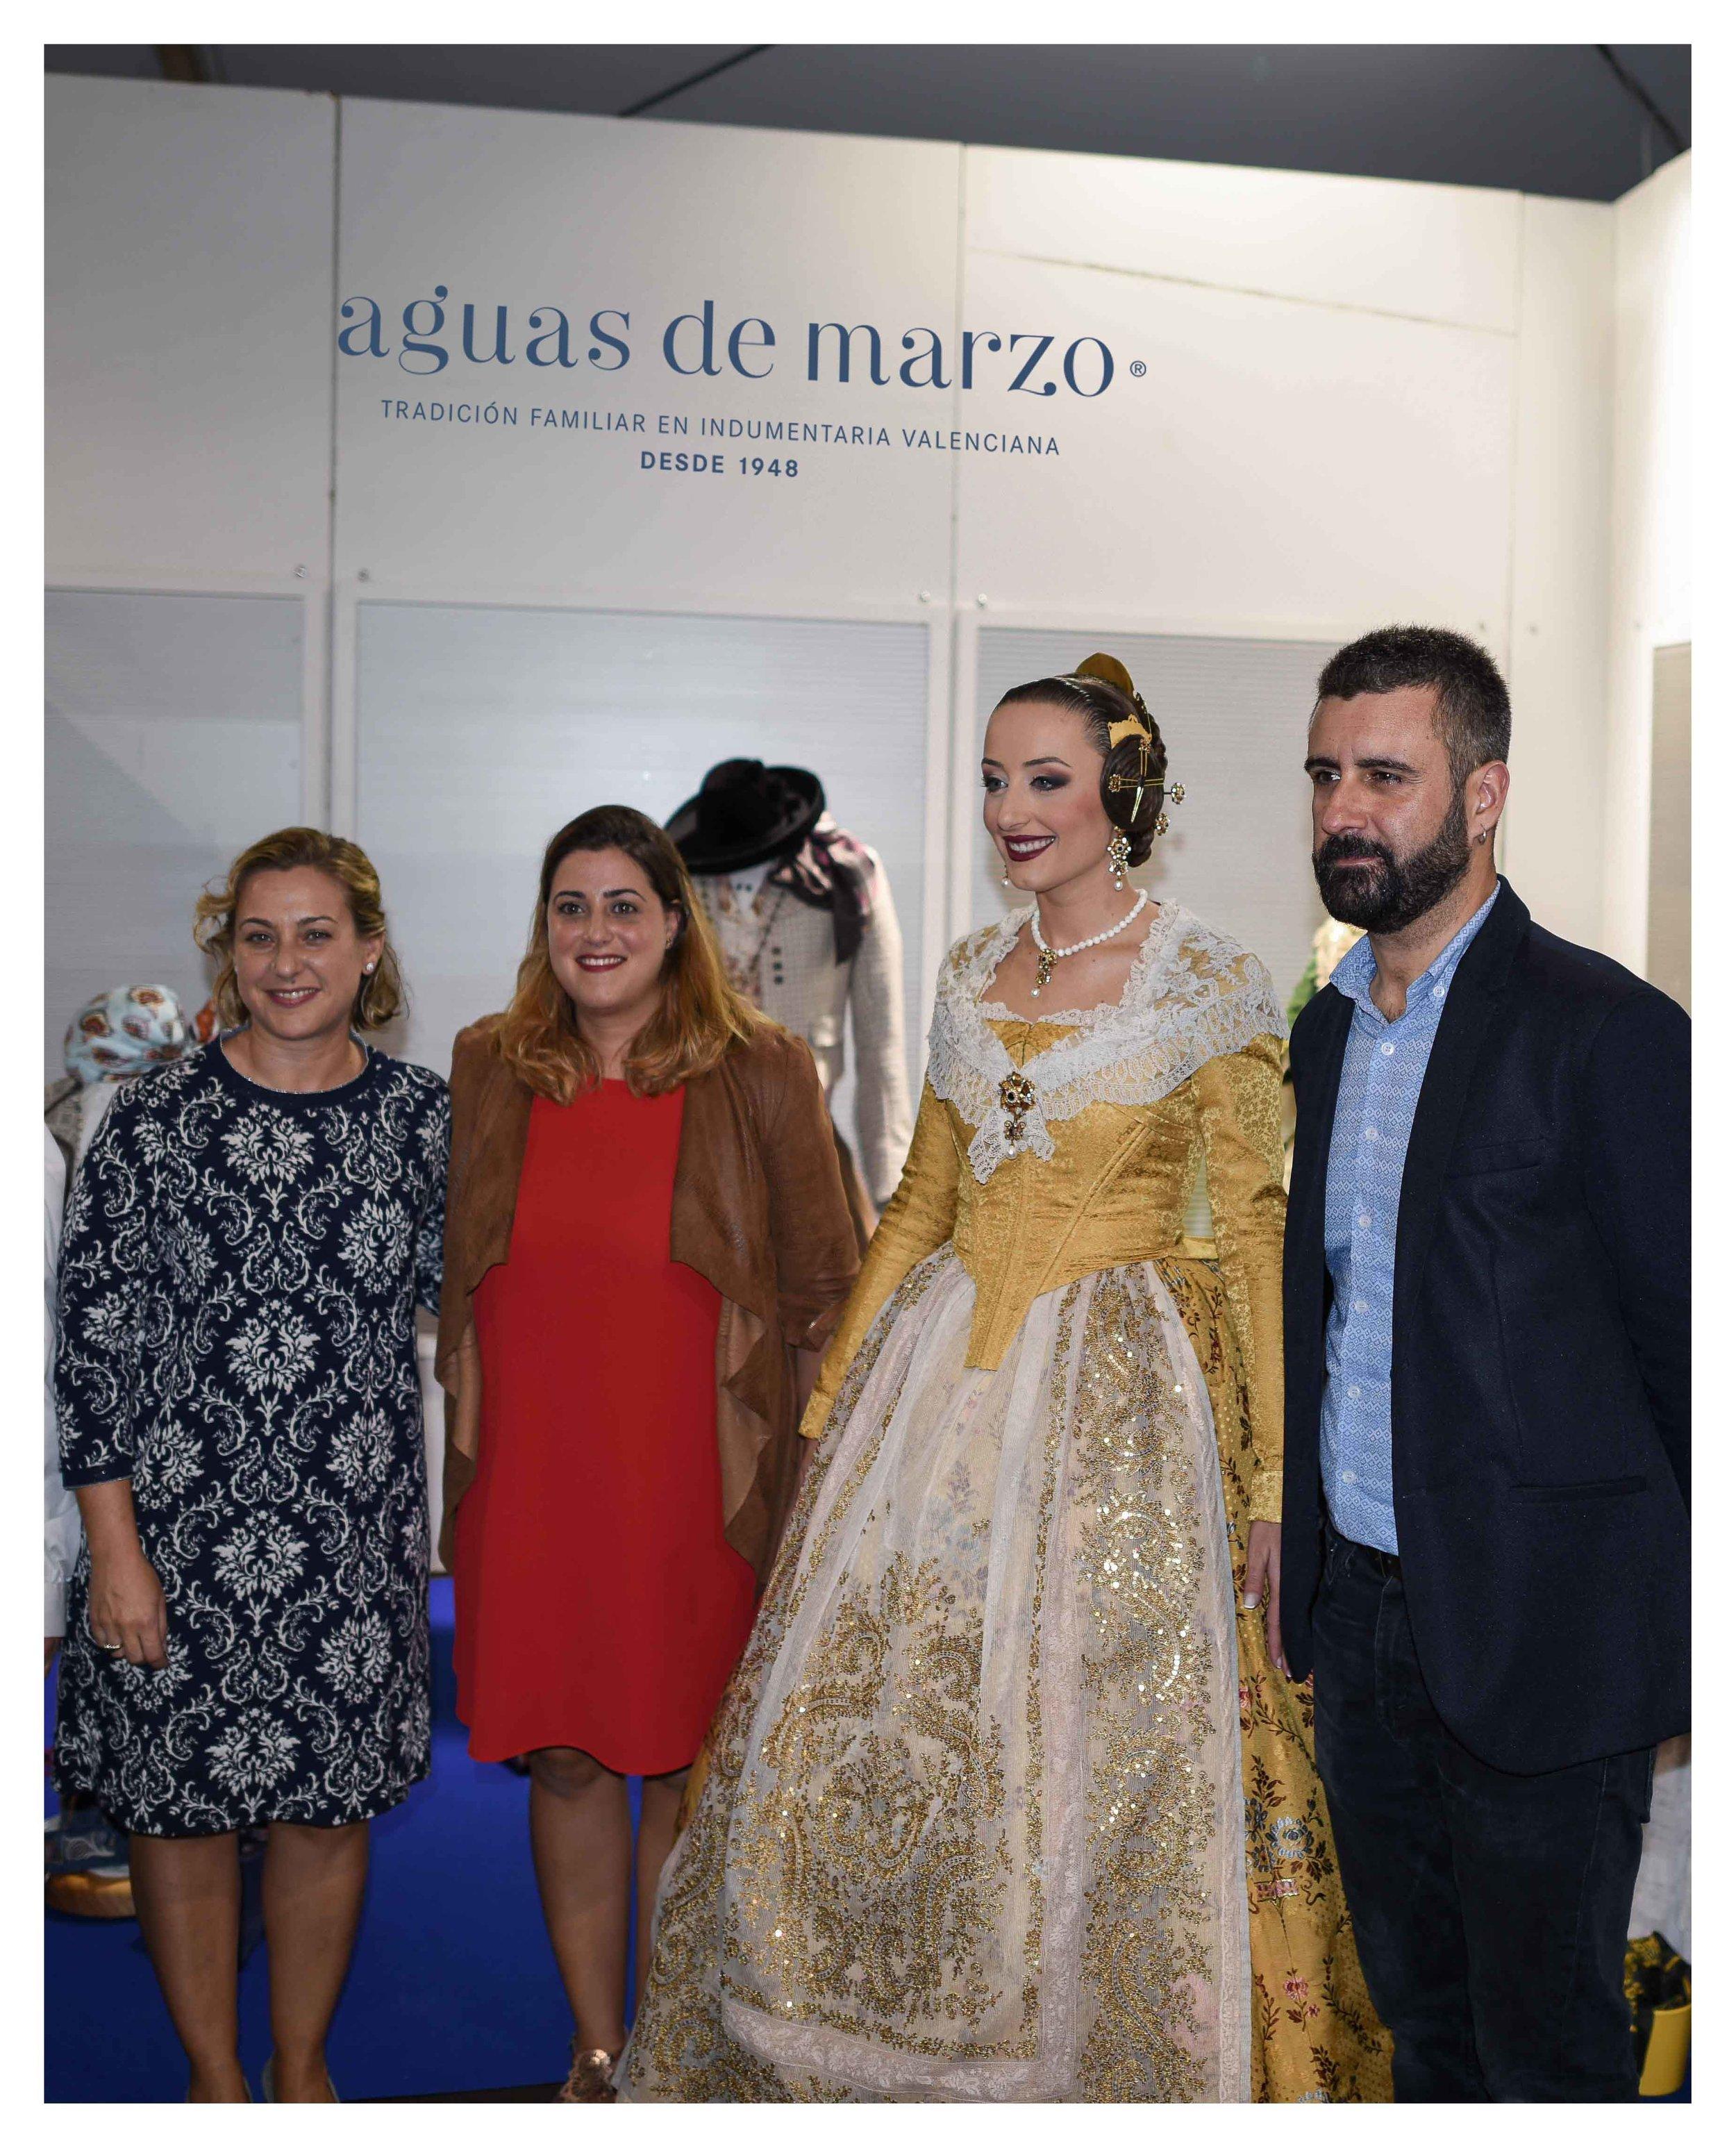 En la imagen, la Fallera Mayor de Valencia 2018, señorita María del Rocío Gil Uncio, y D. Pere Fuset junto a María Fátima Aguas de Aguas de Marzo indumentaria.